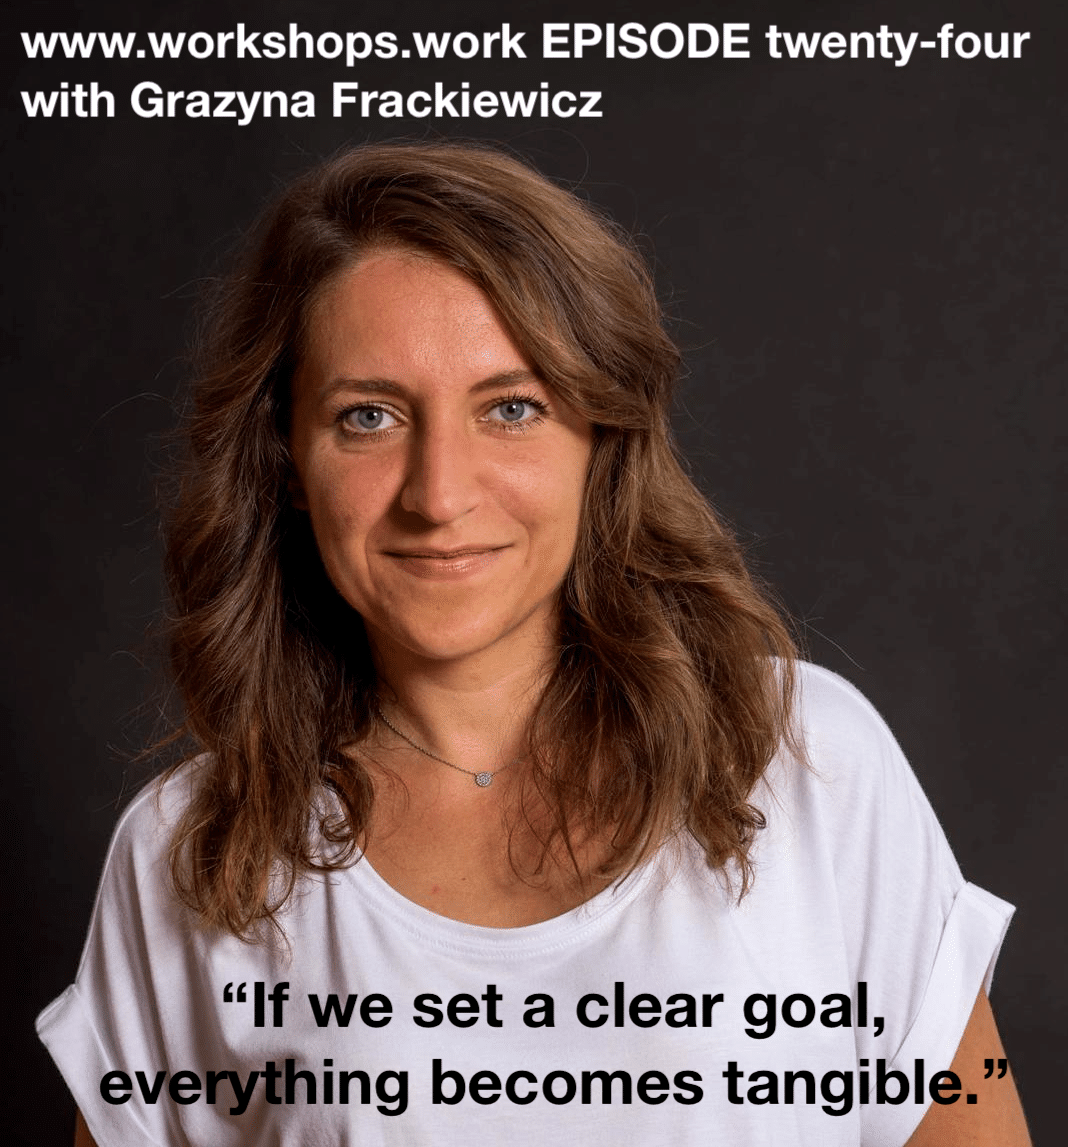 Grazyna Frackiewicz workshopswork